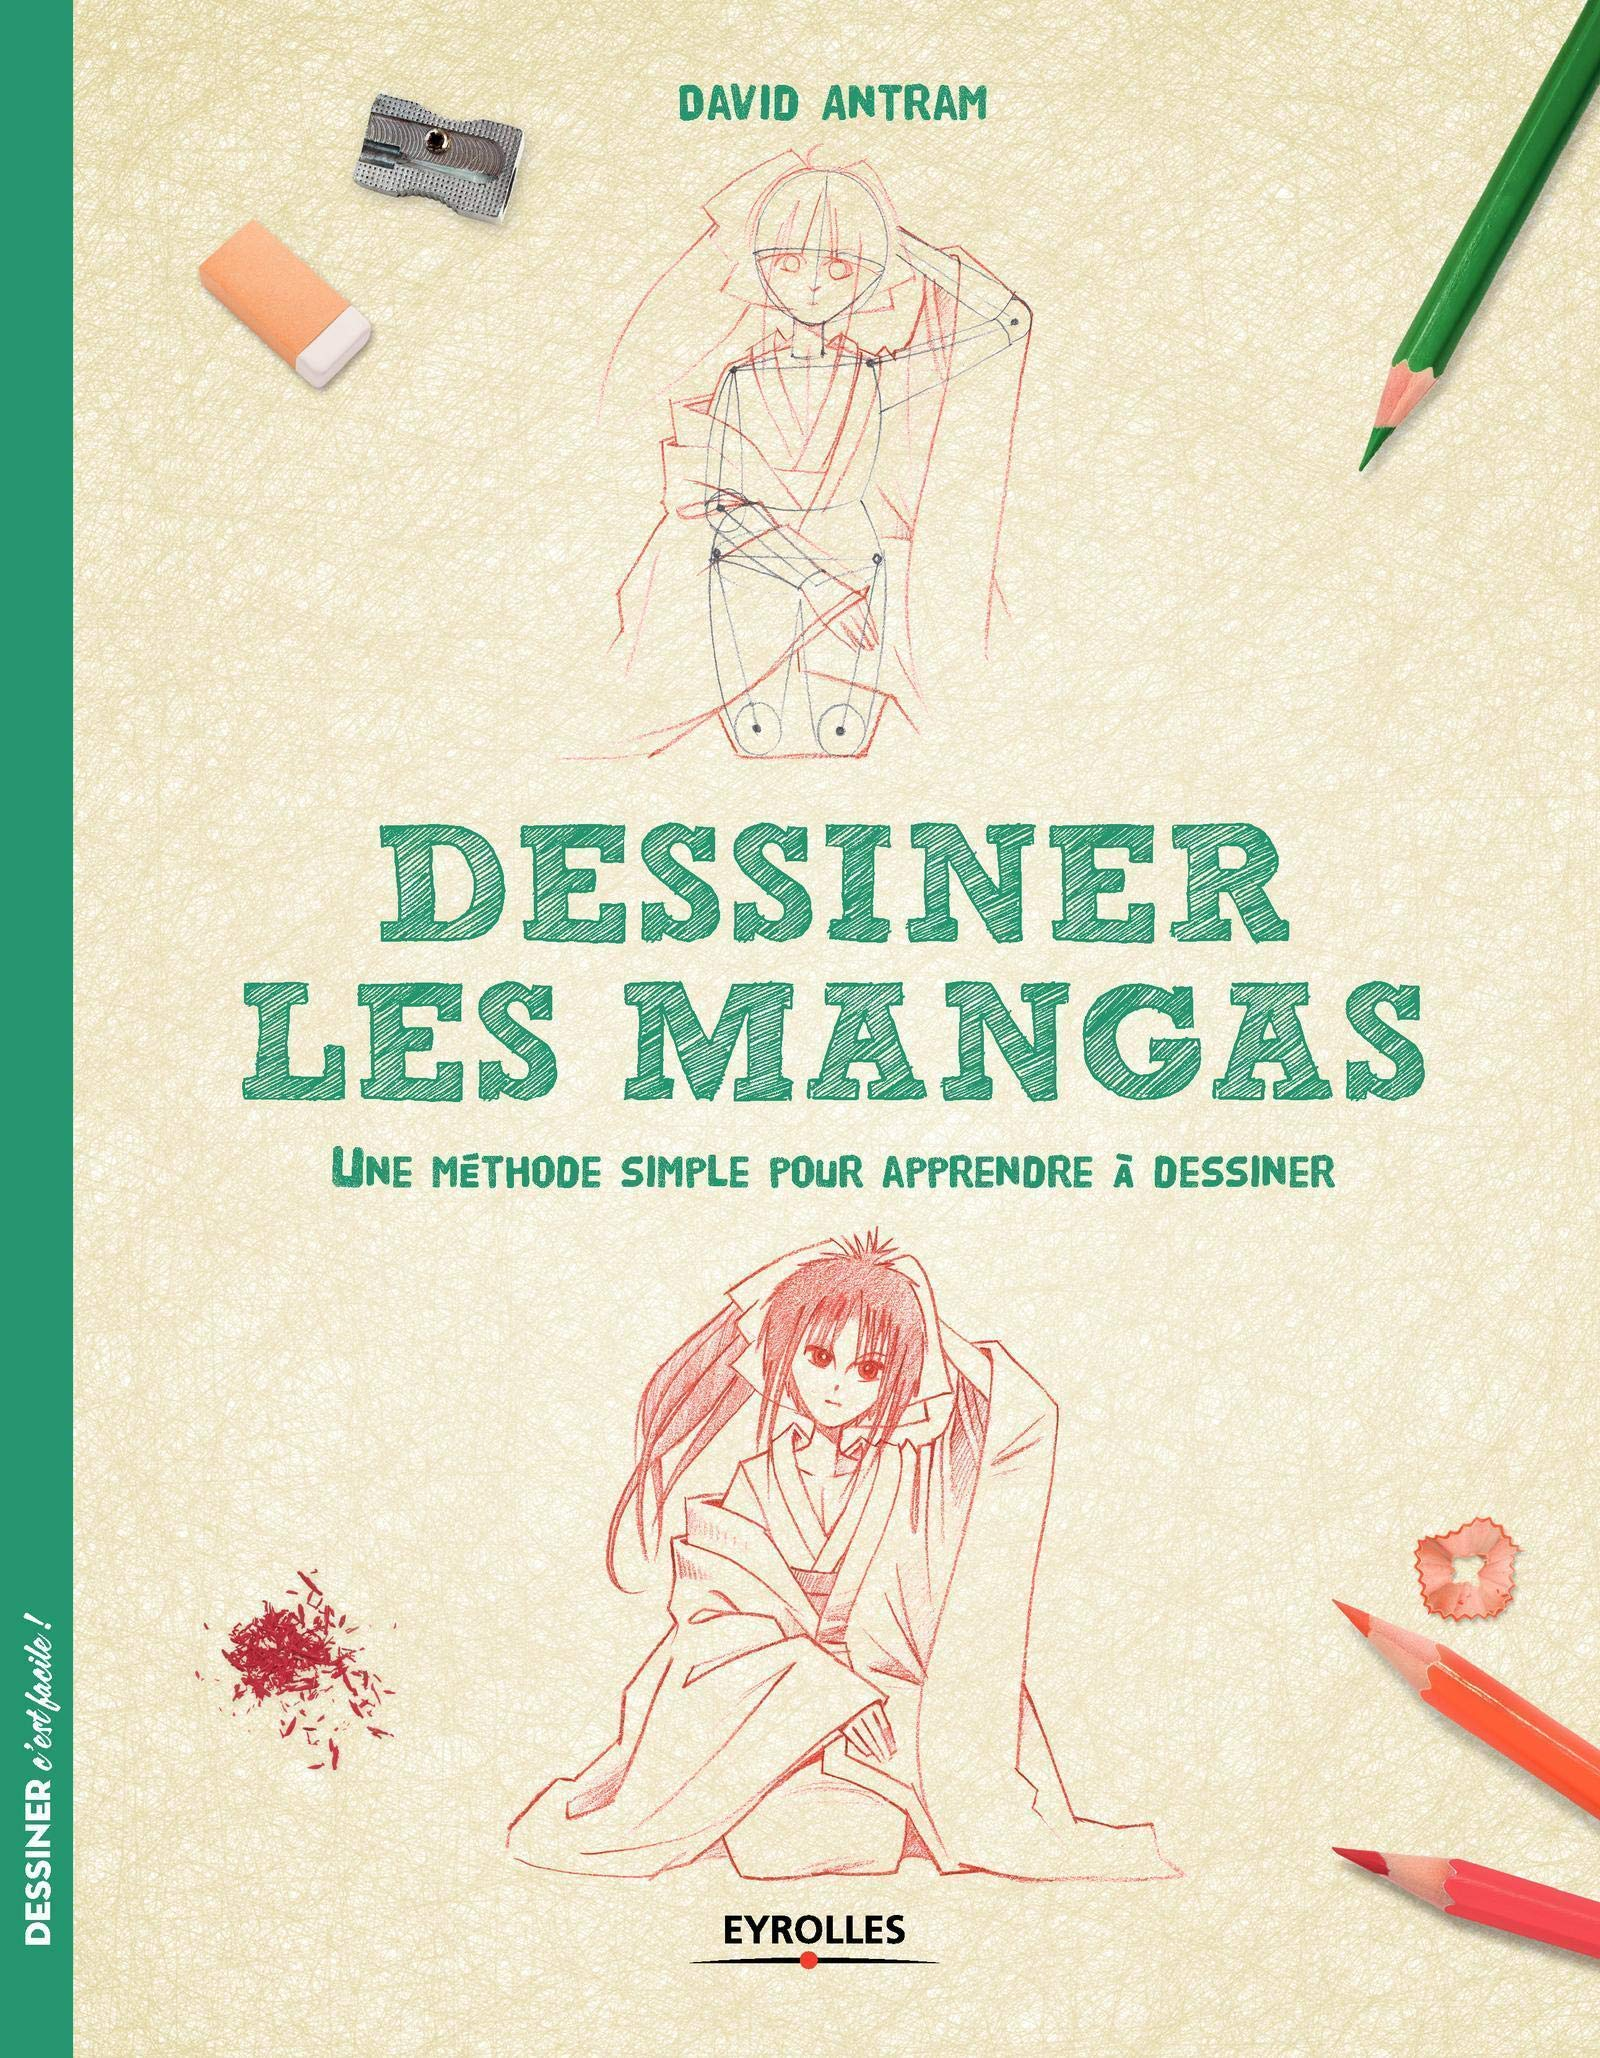 Amazon Fr Dessiner Les Mangas Une Methode Simple Pour Apprendre A Dessiner Antram David Livres